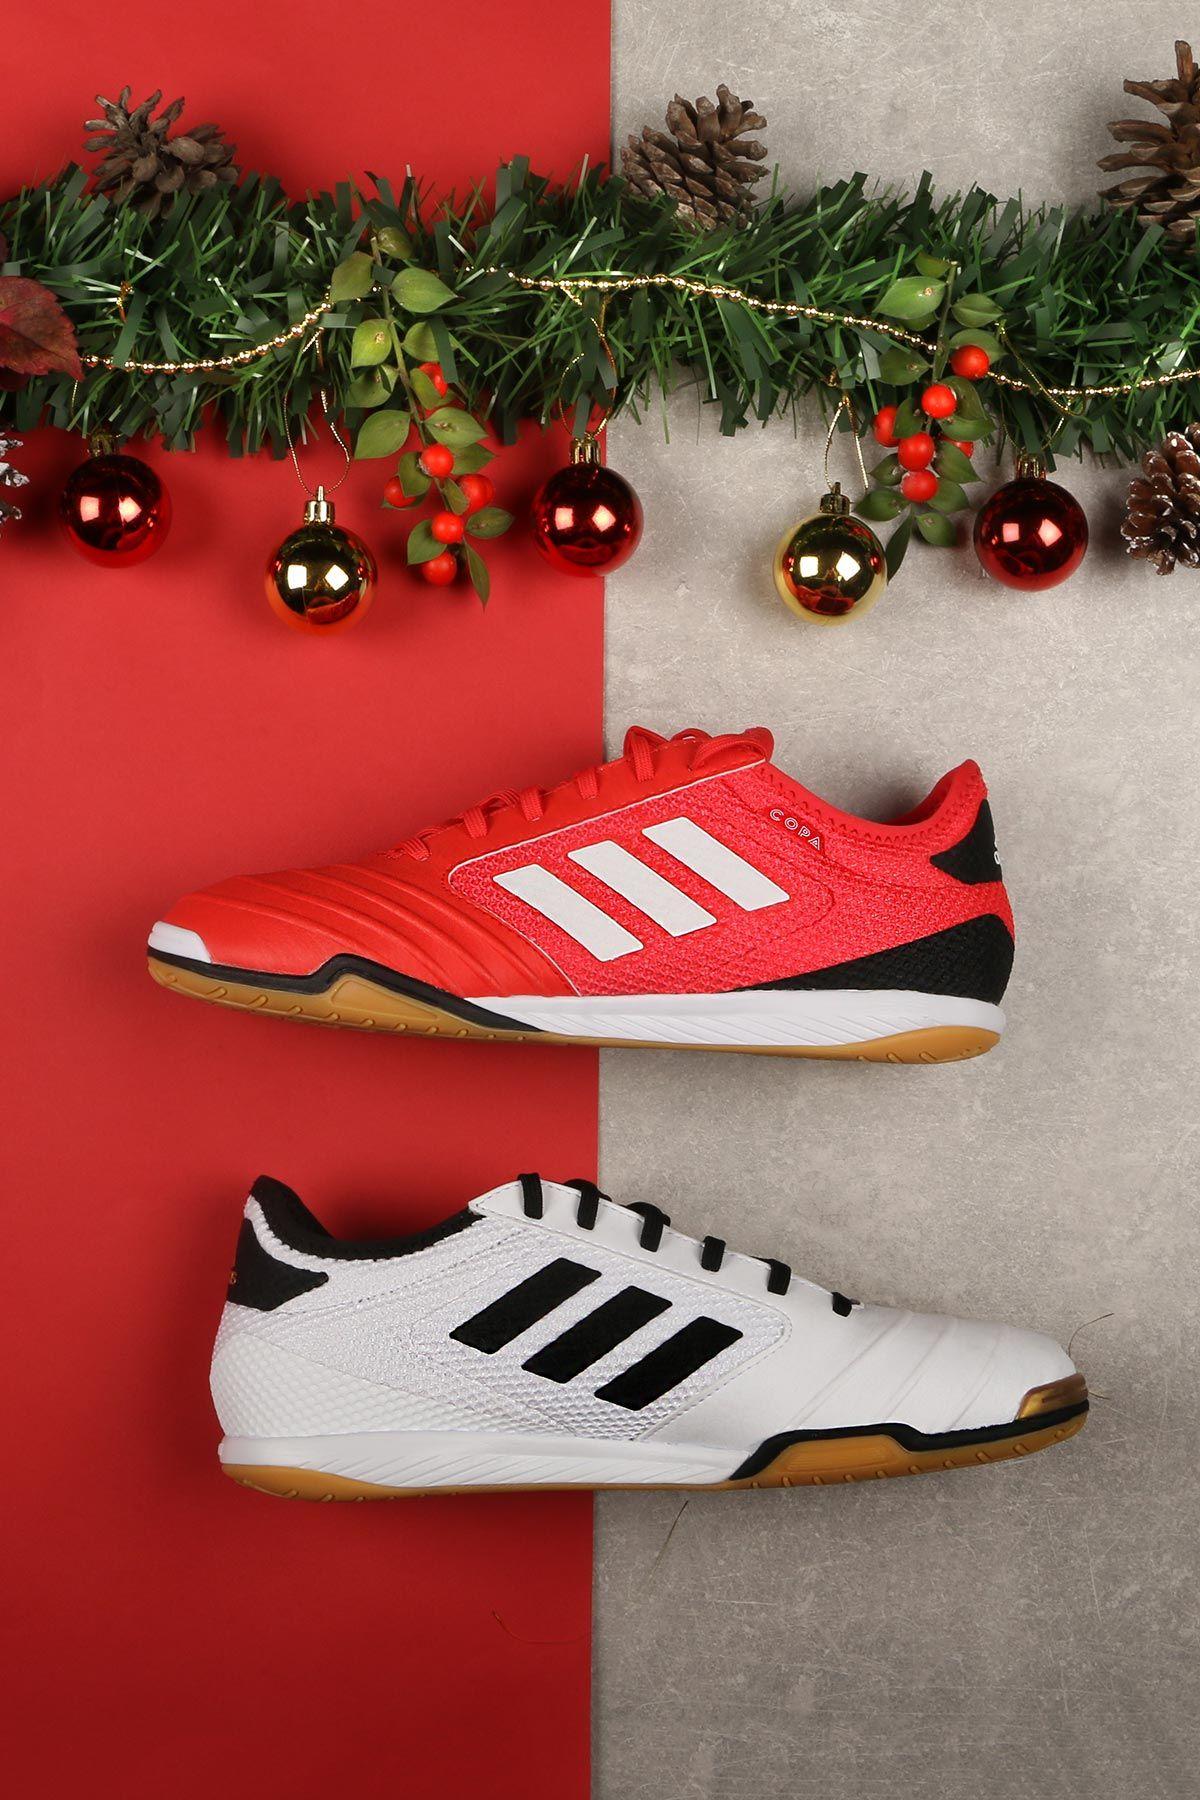 af4c681f Juega como más te gusta con tus zapatillas adidas Top Sala #adidasfootball  #futbolmania #adidastopsala #futsal